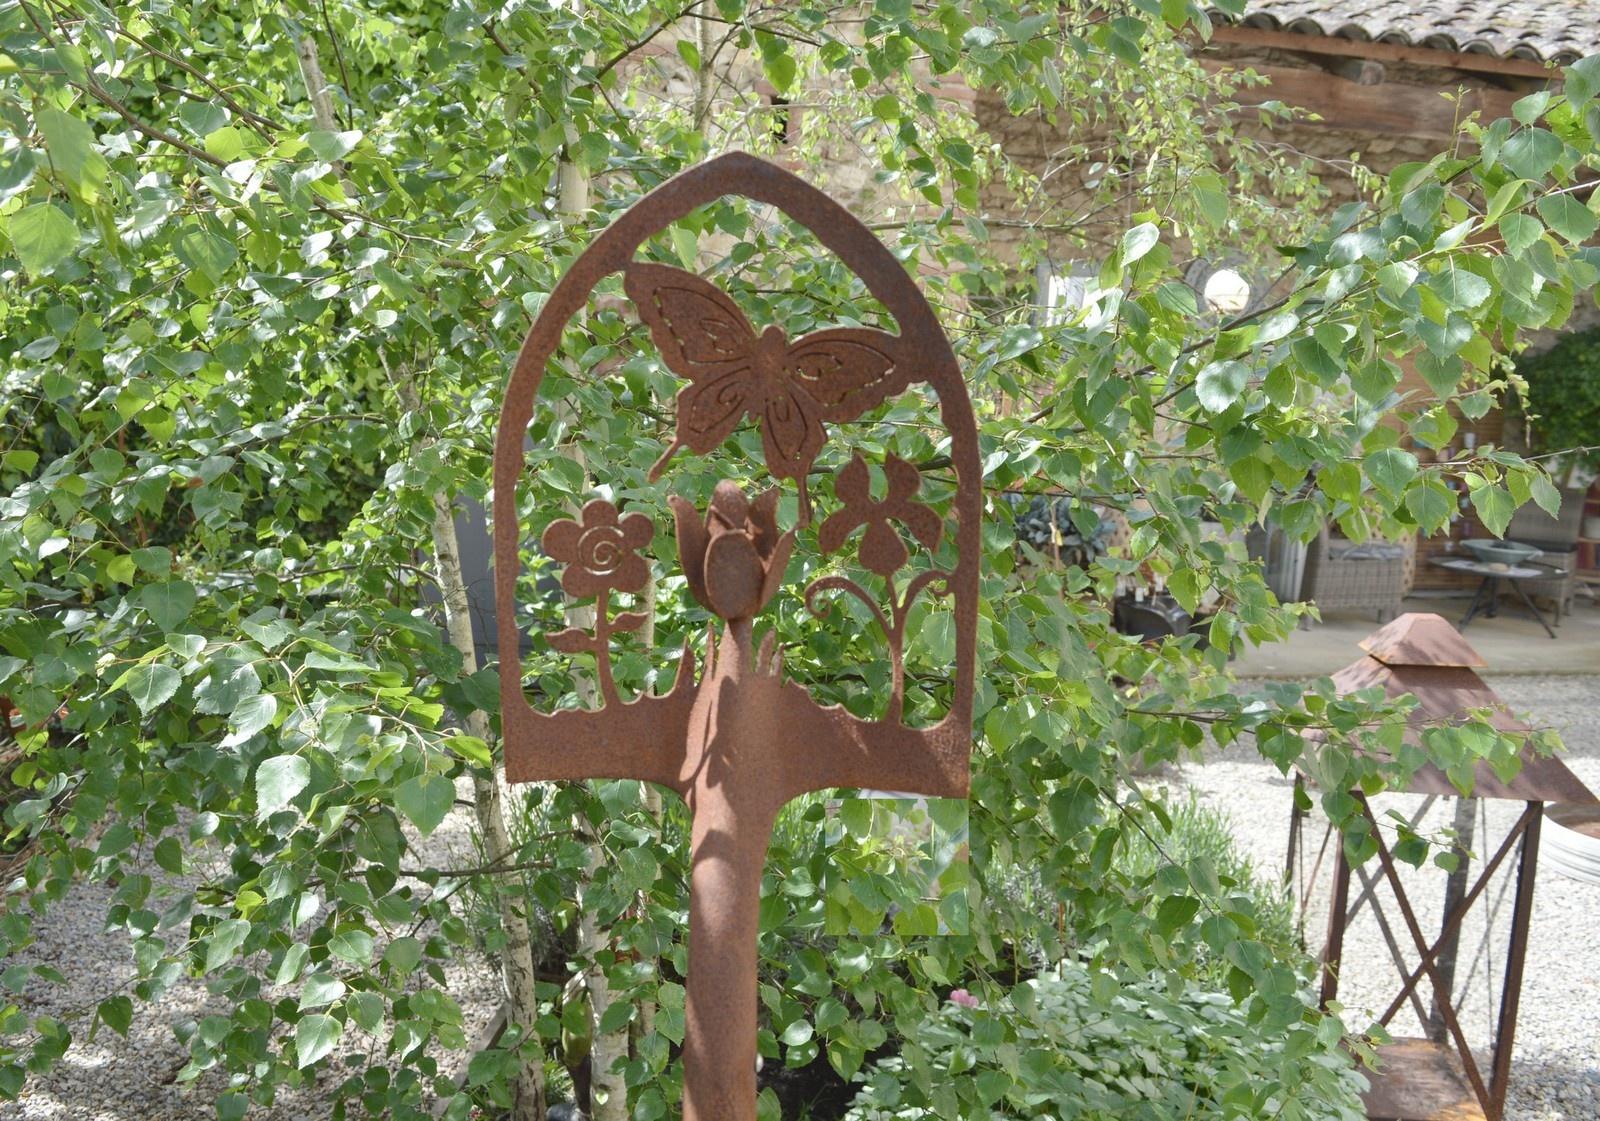 Decoration jardin en fer forge - Objet decoration jardin ...